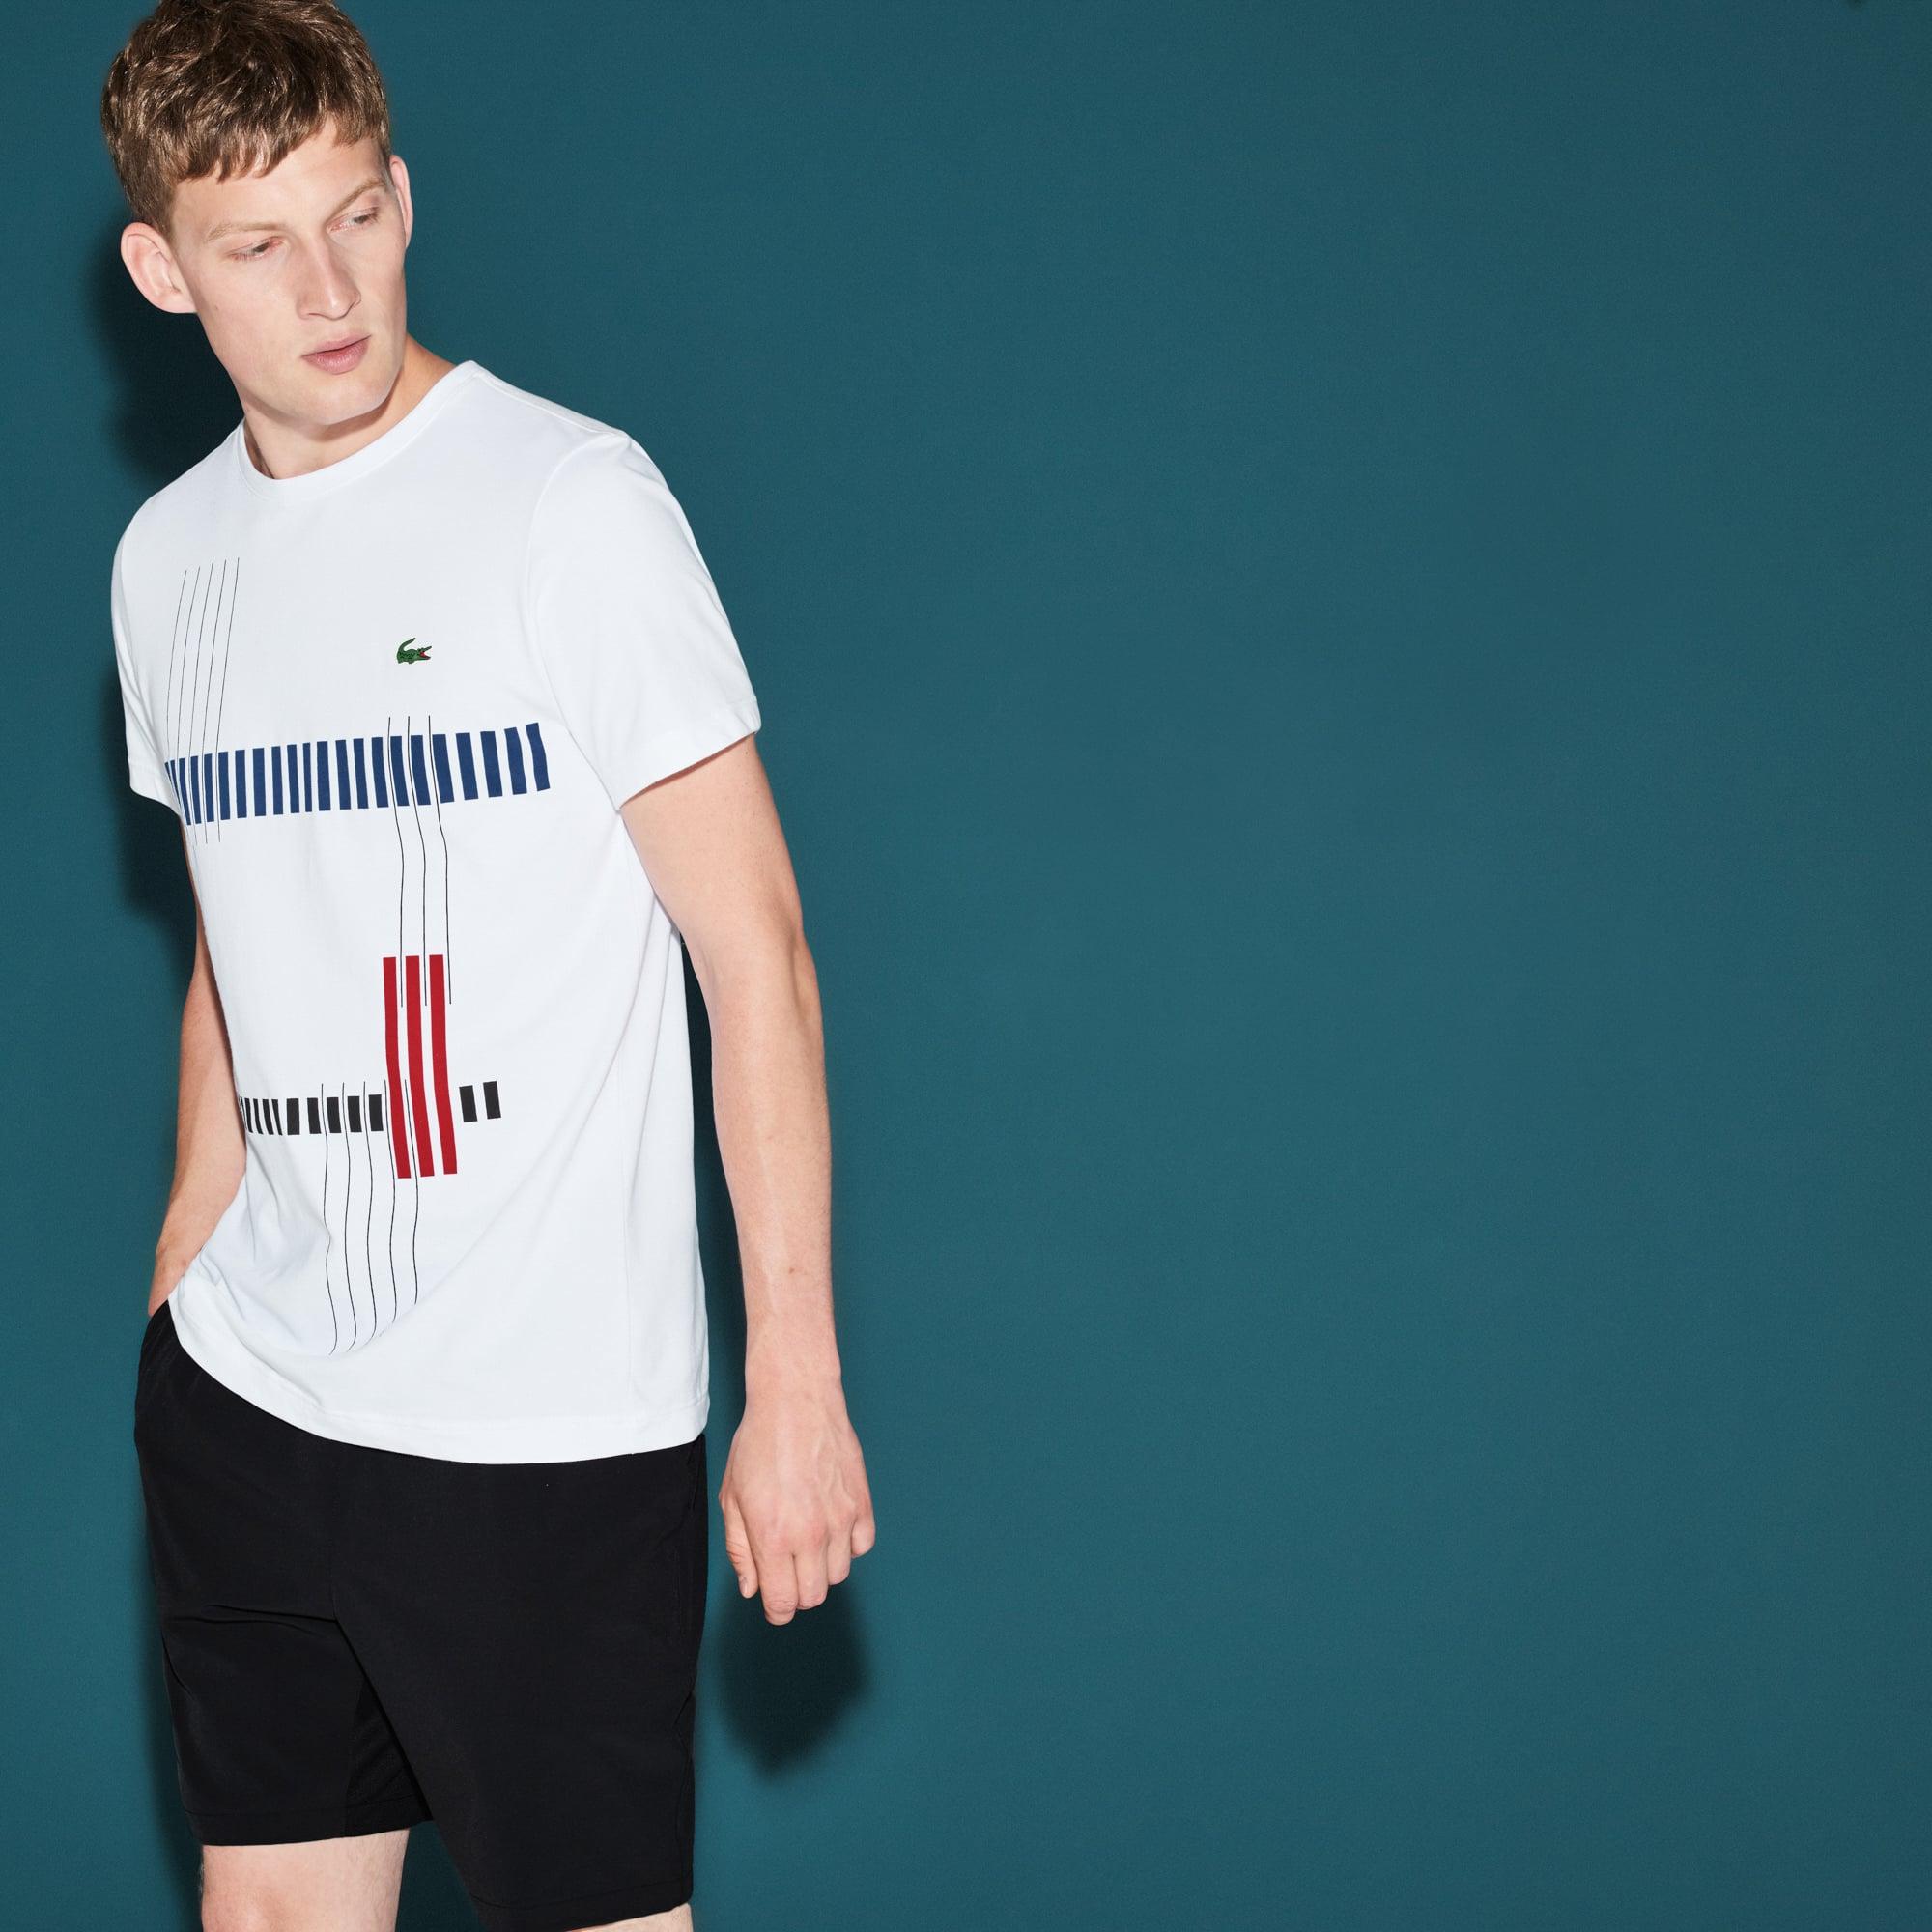 Camiseta Lacoste SPORT Tennis Masculina em Jérsei Técnico Listrado